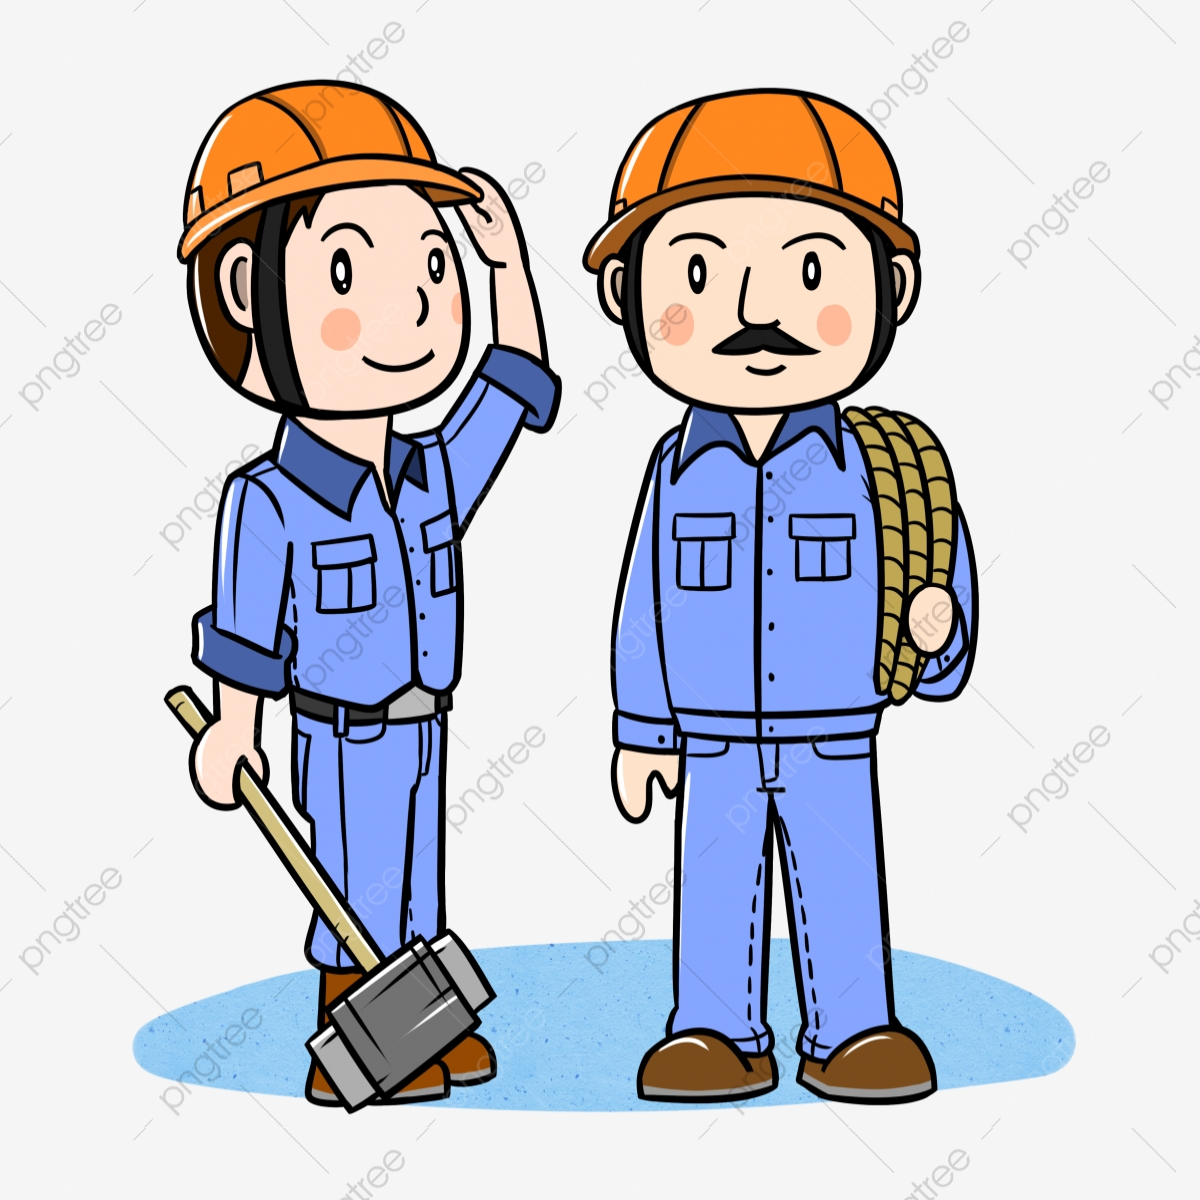 Gambar Kartun Pekerja Tempat Kerja Kerja Kartun Pekerja Tempat Kerja Png Dan Psd Untuk Muat Turun Percuma